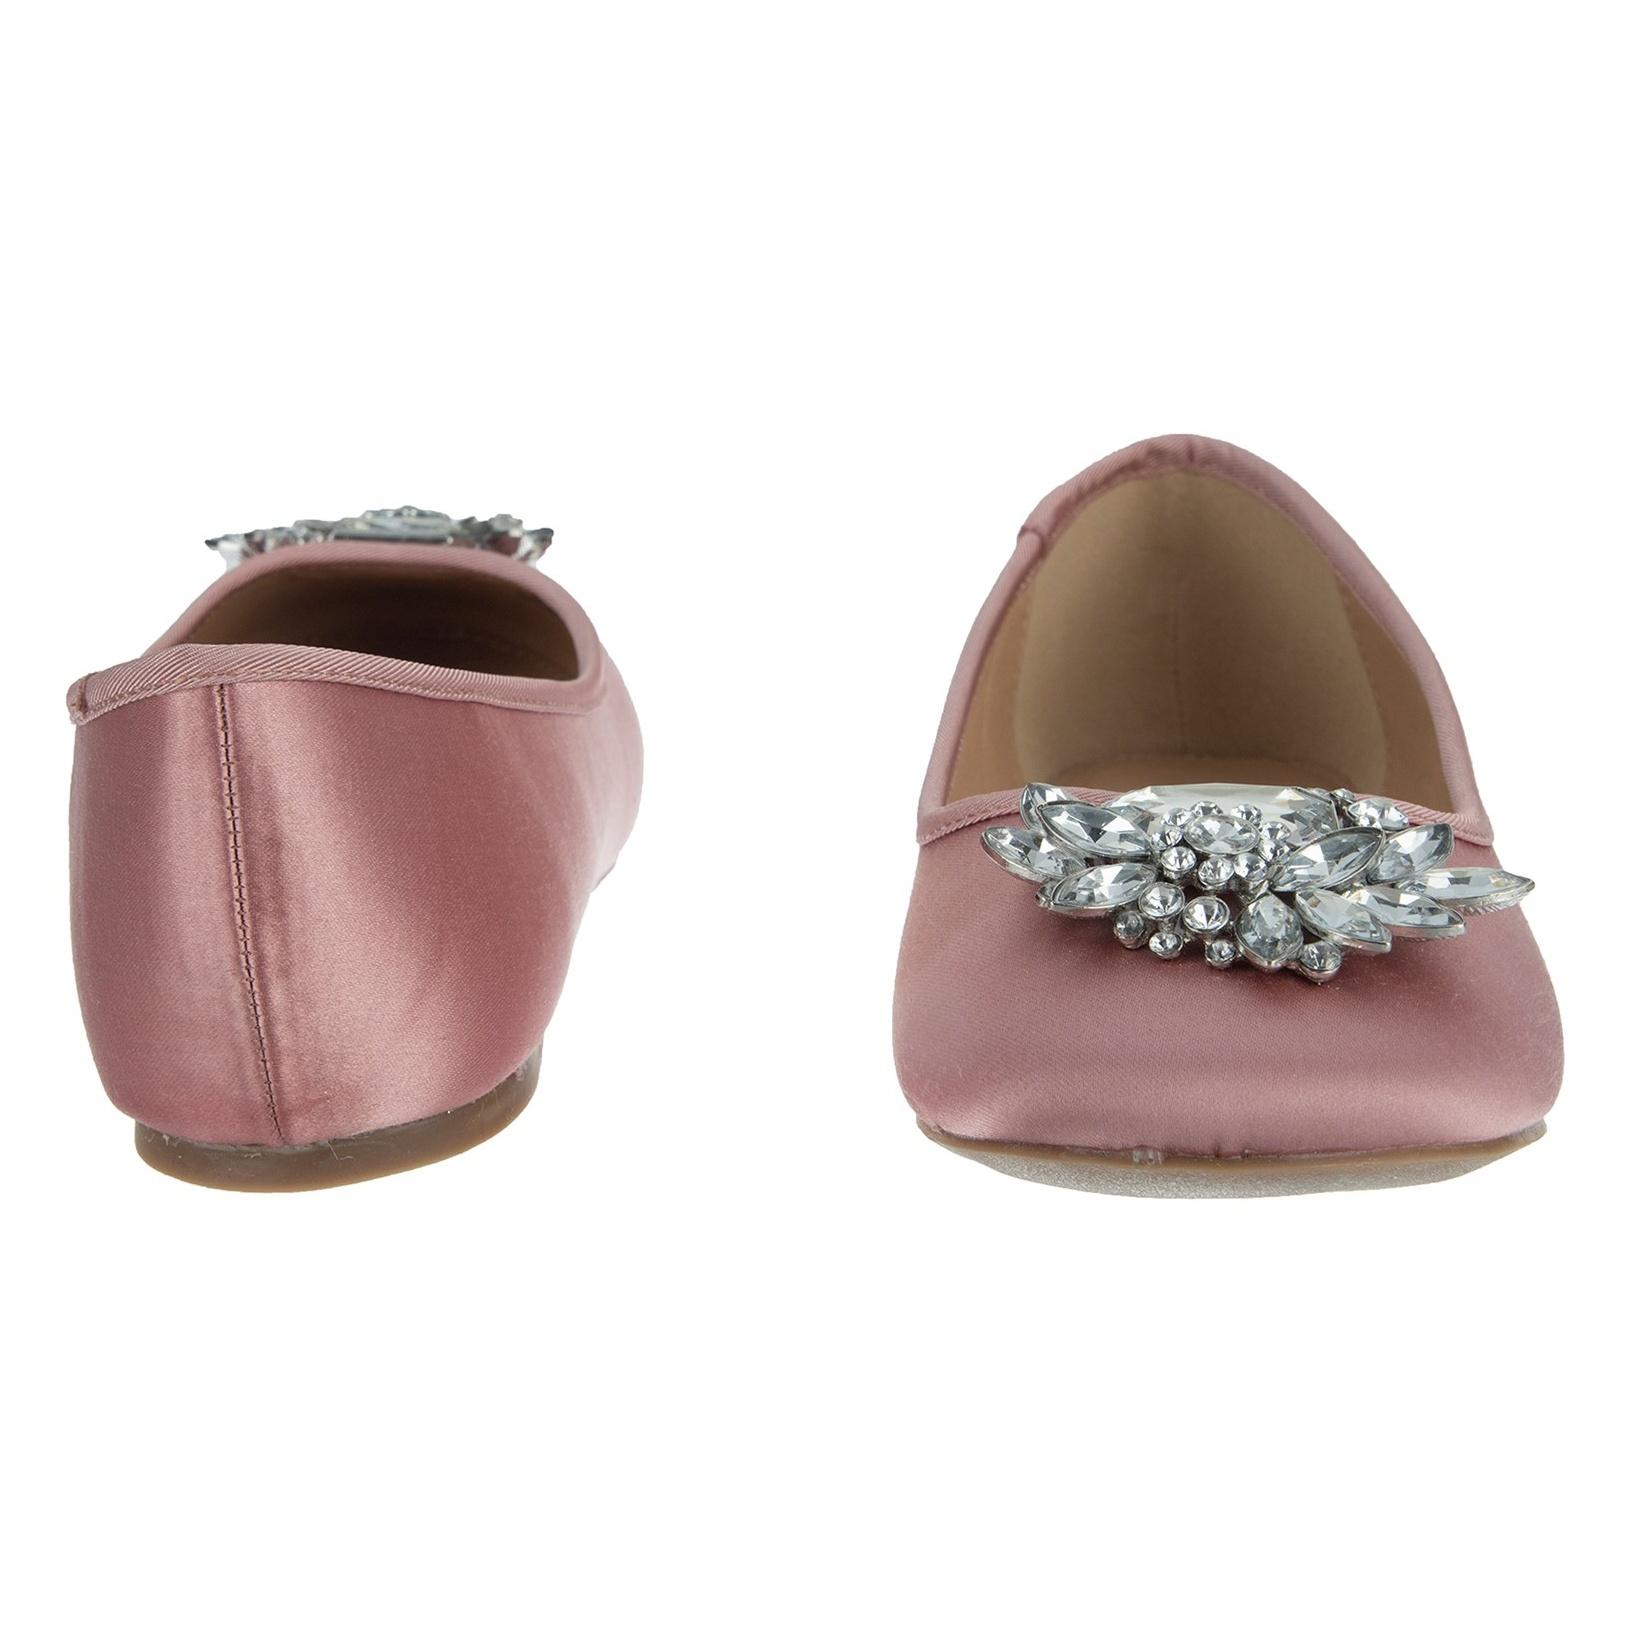 کفش تخت پارچه ای زنانه Hiya - دون لندن - صورتي - 5